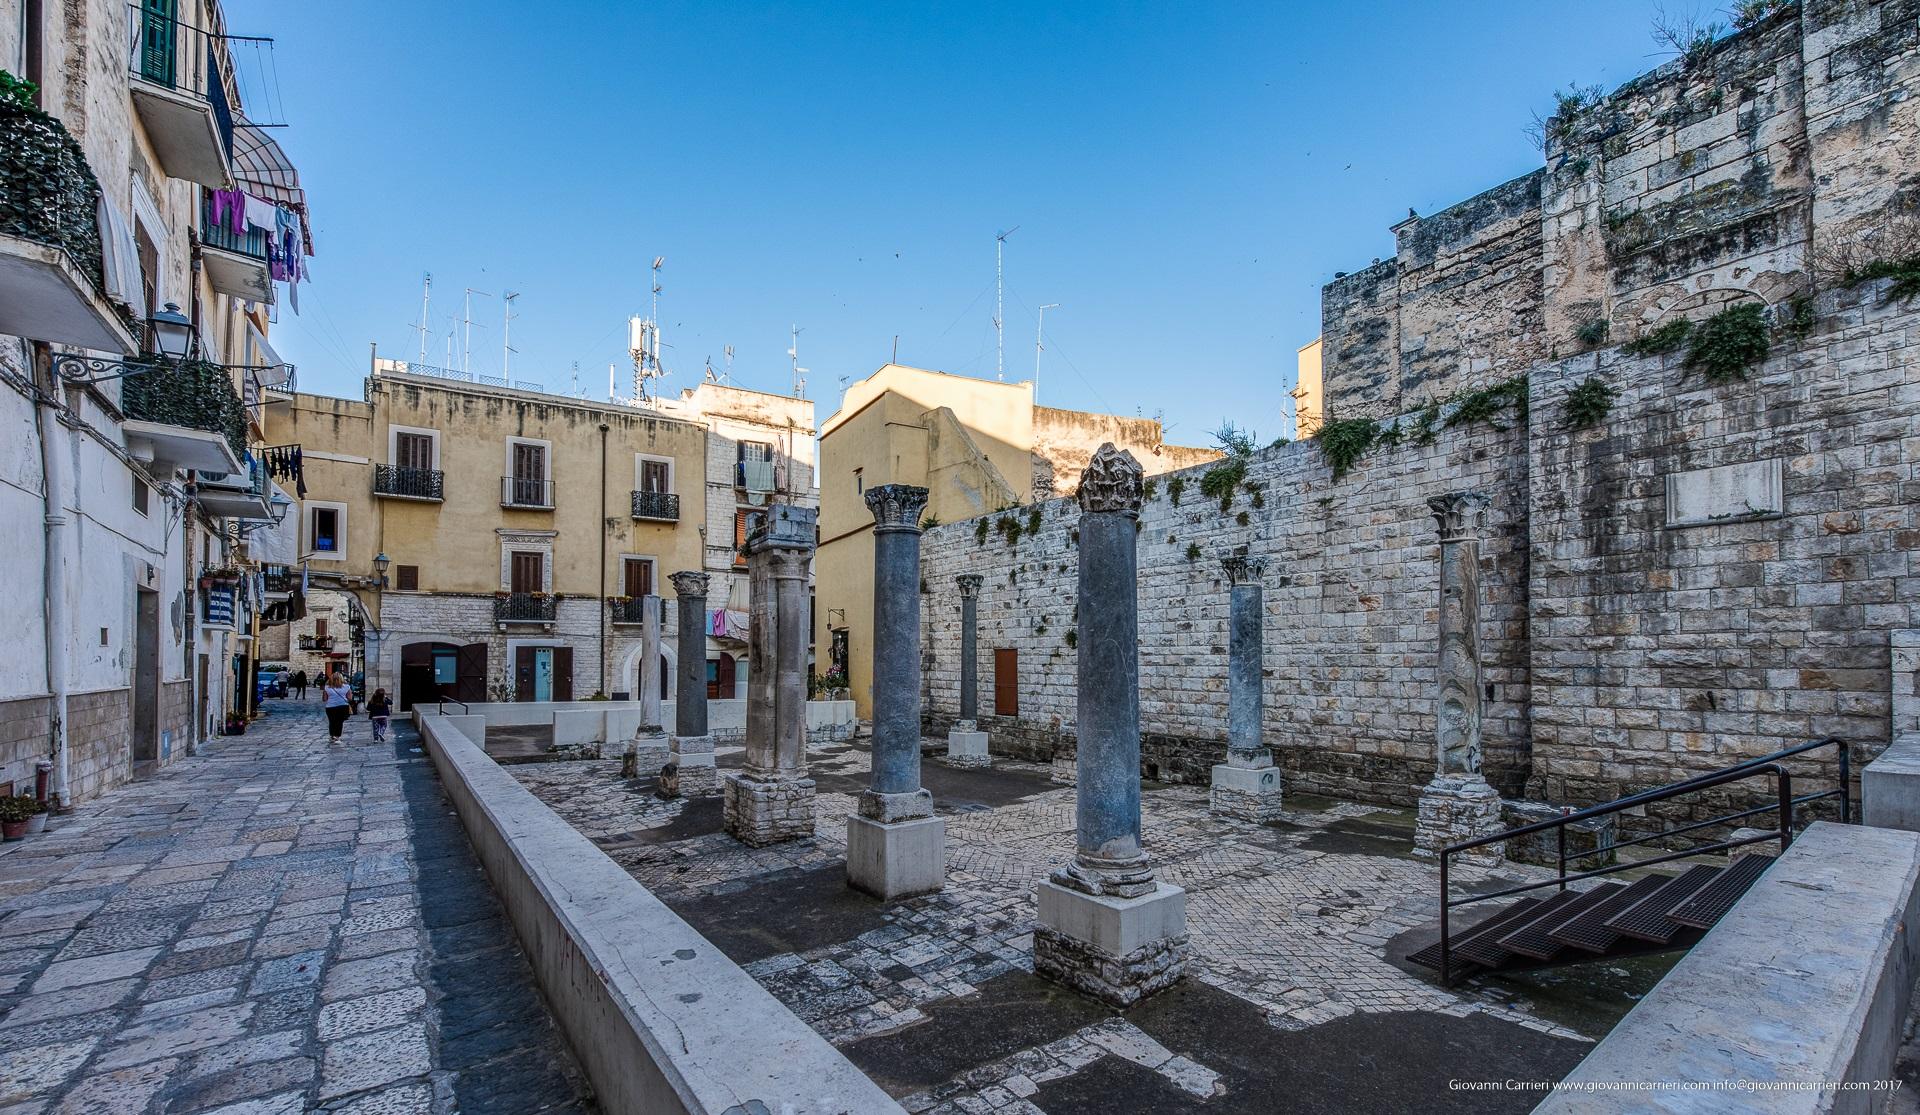 Strada Santa Scolastica a Bari vecchia